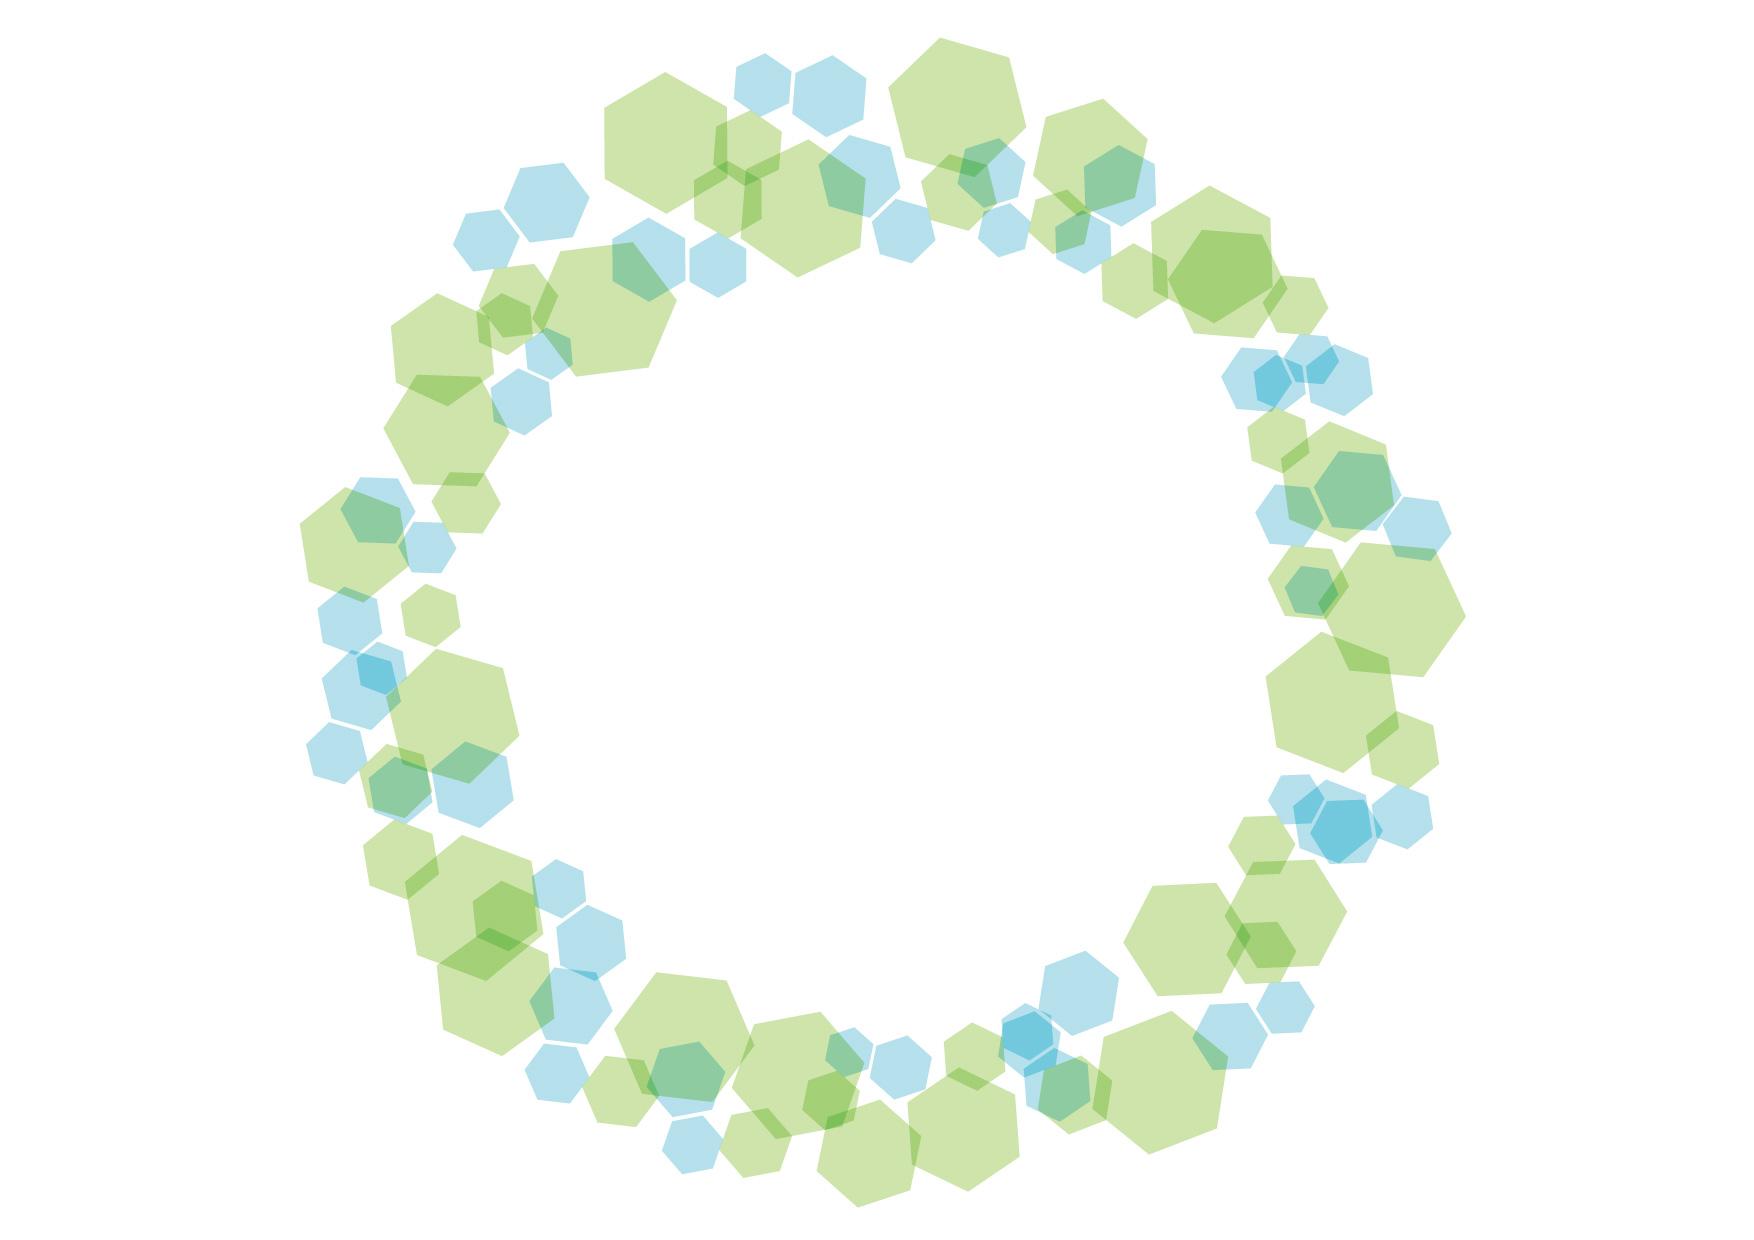 可愛いイラスト無料|六角形 キラキラ フレーム 緑色 − free illustration Hexagonal glitter frame green